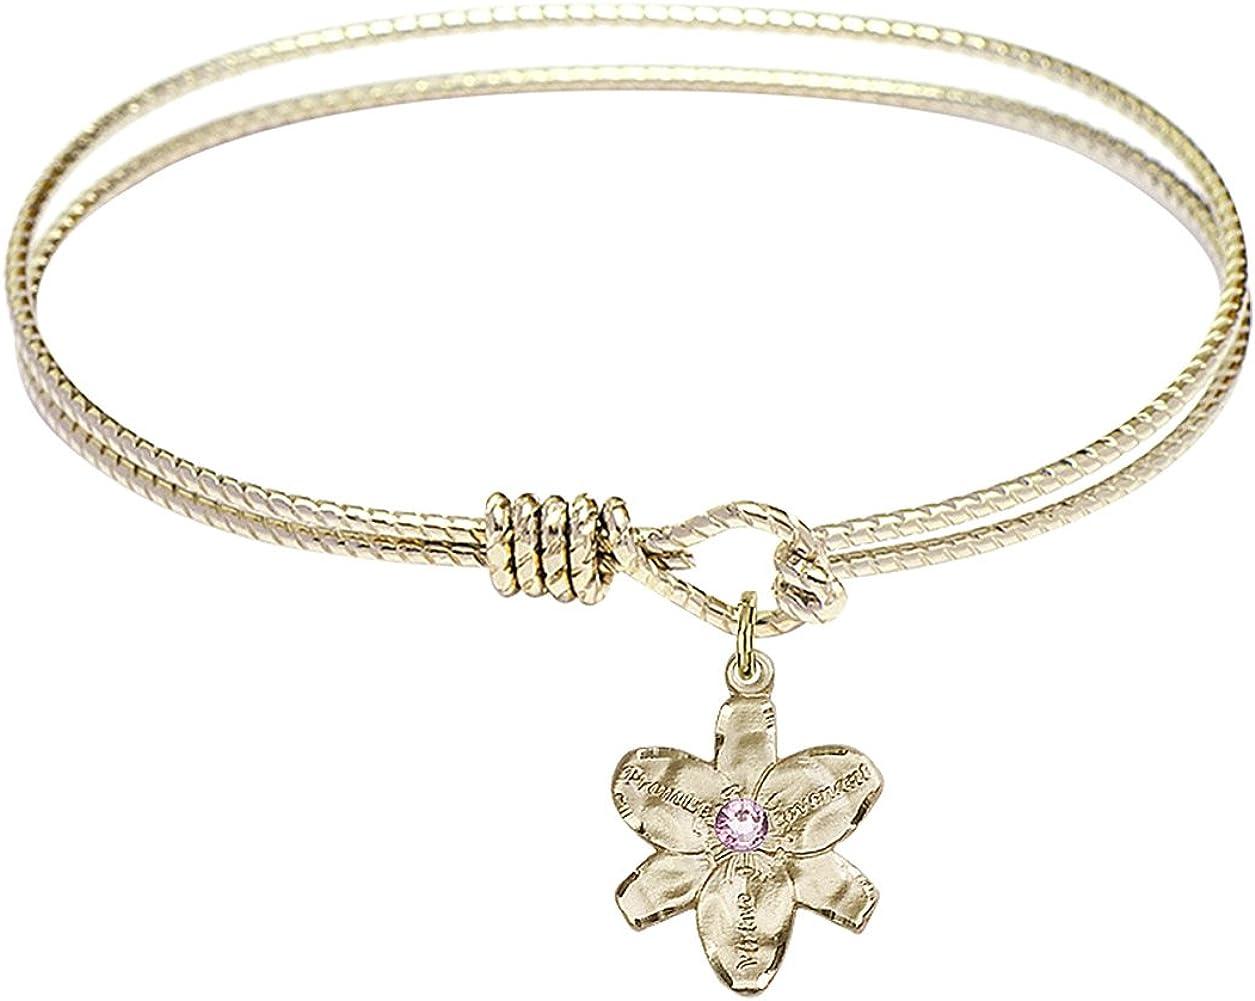 DiamondJewelryNY Eye 5% OFF Hook Bangle Bracelet with Charm. Chastity a List price